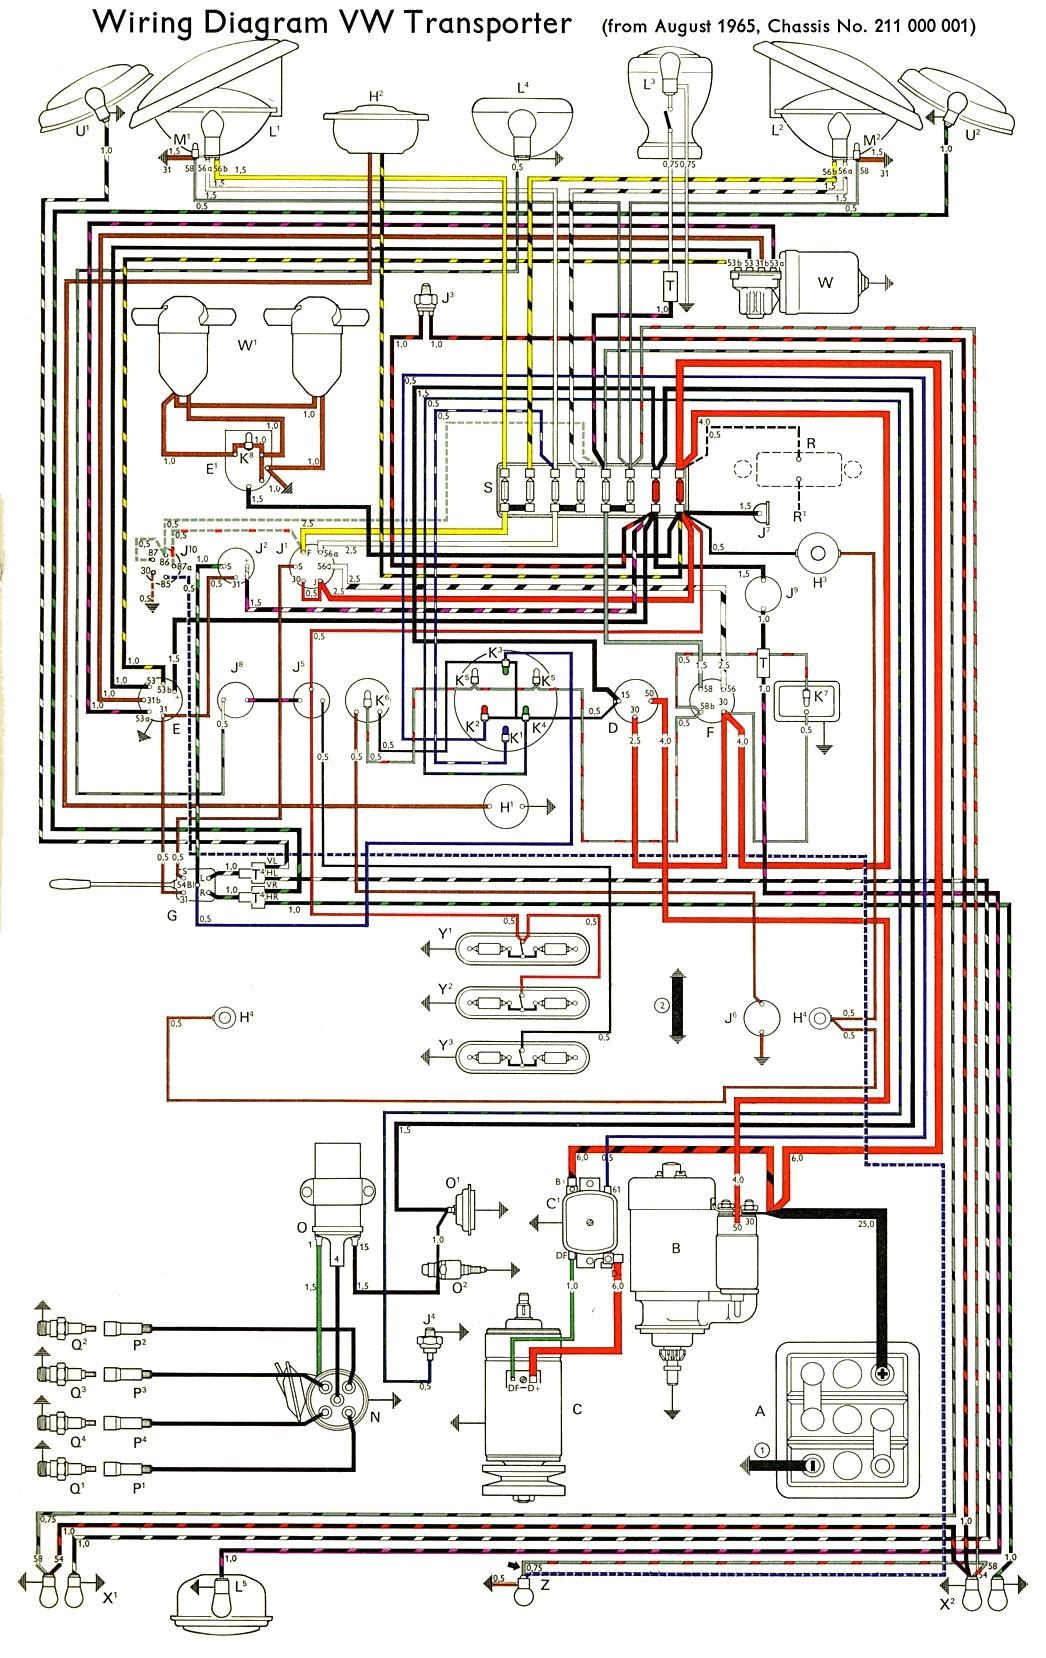 hight resolution of van hool bus wiring diagrams wiring diagram list van hool bus wiring diagrams